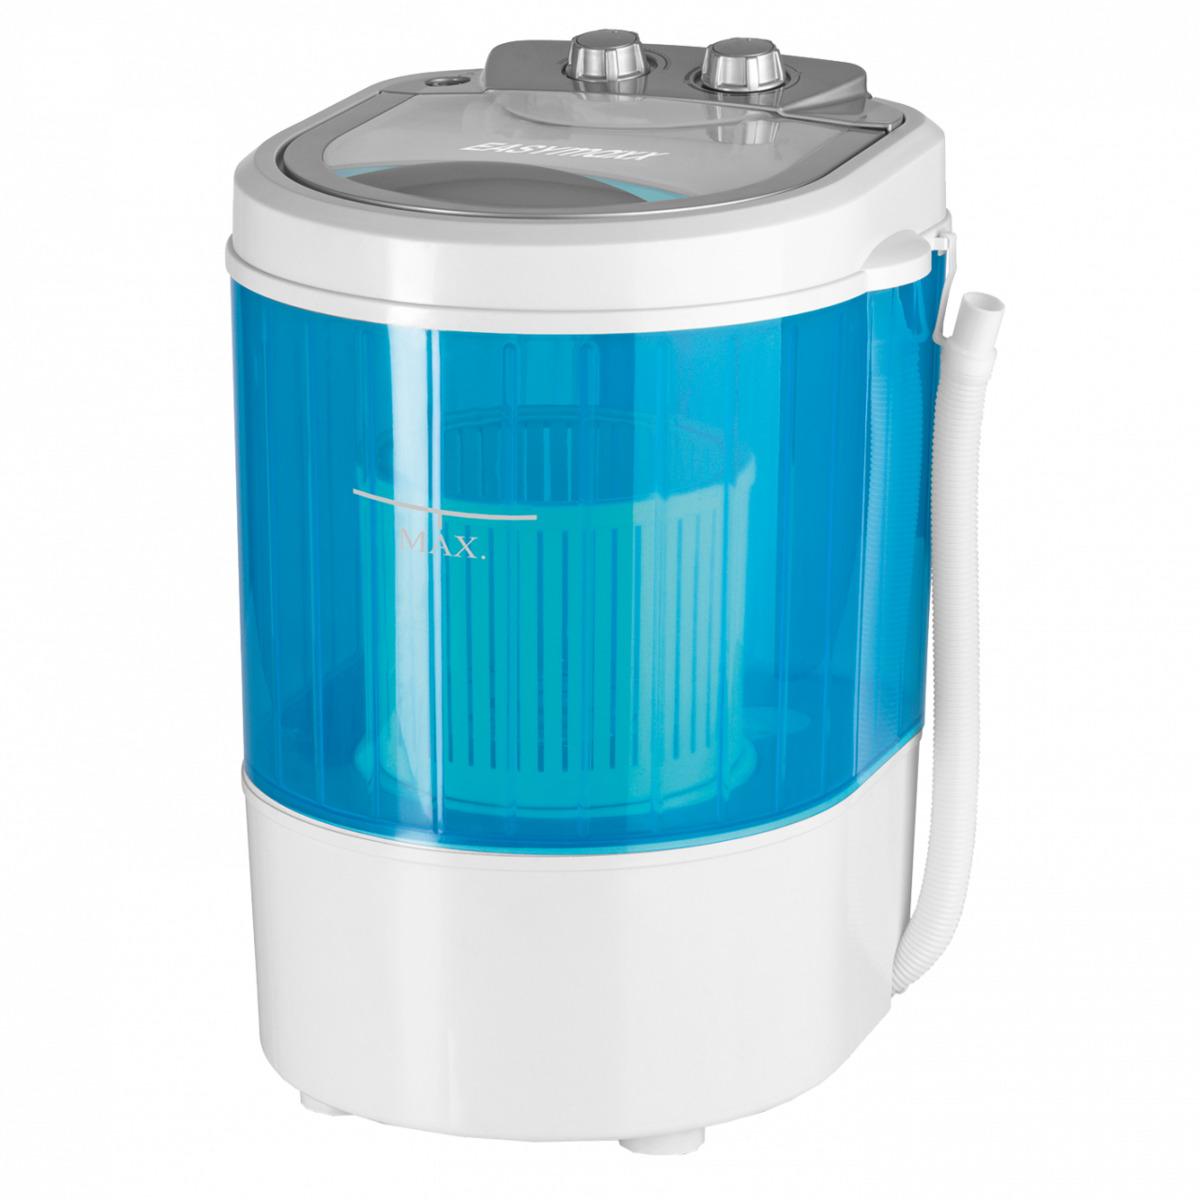 Bild 1 von EASYmaxx Mini-Waschmaschine